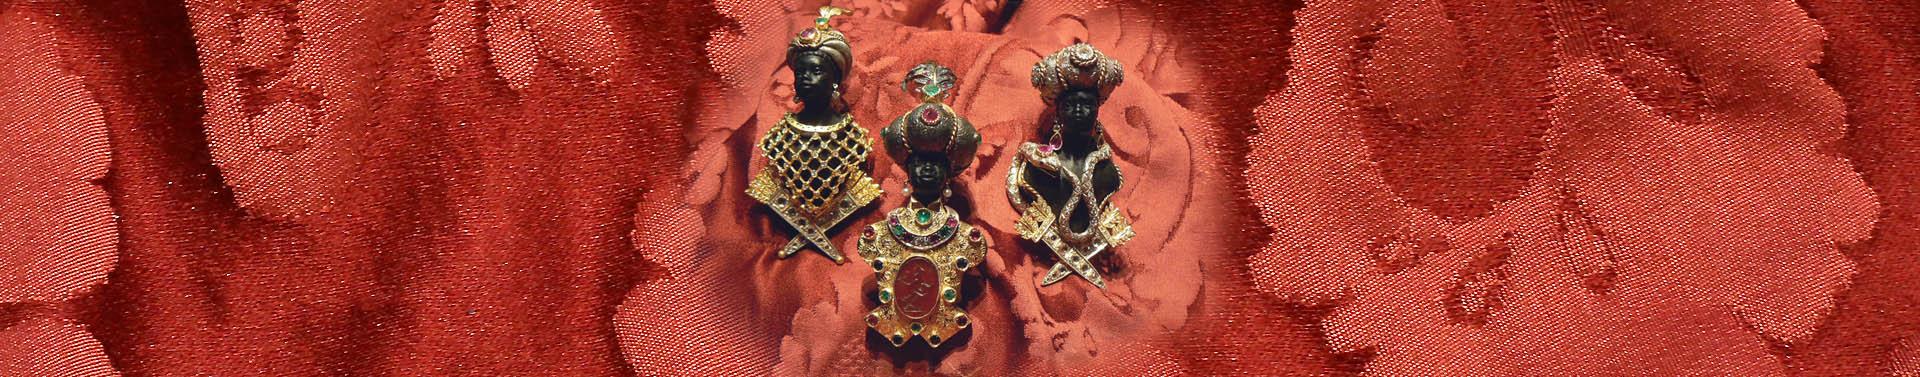 gioielli-venezia-a11